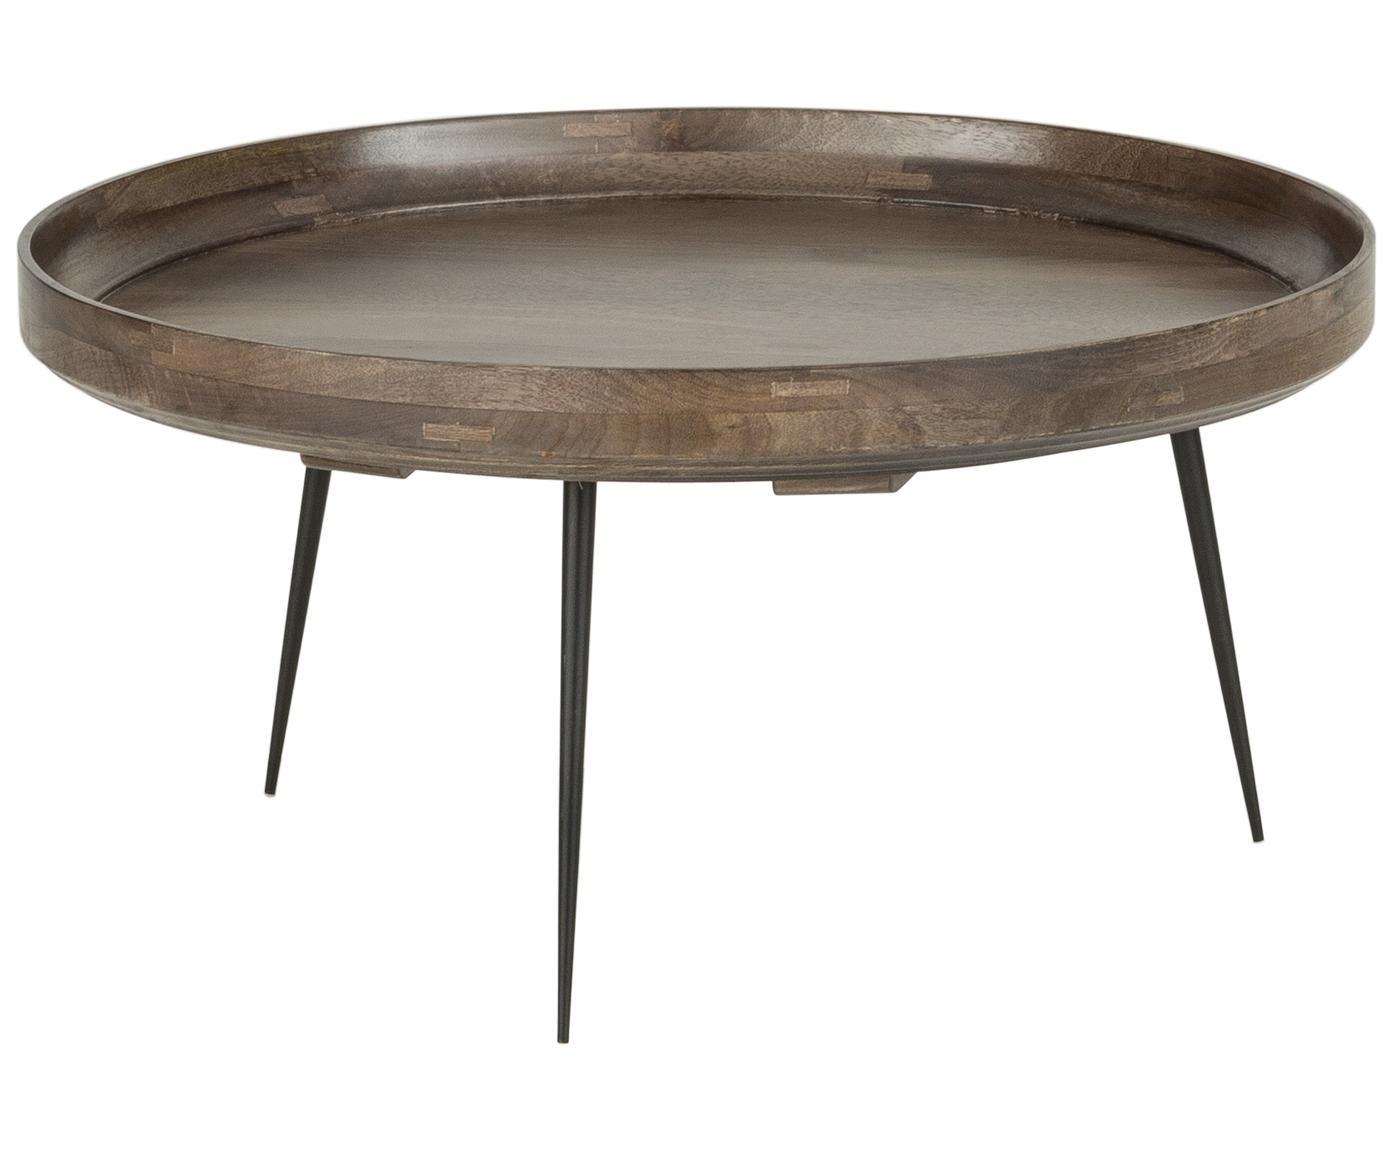 Tavolino da salotto di design Bowl Table, Piano d'appoggio: legno di mango, verniciat, Gambe: acciaio, verniciato a pol, Marrone grigio, Ø 75 x A 38 cm